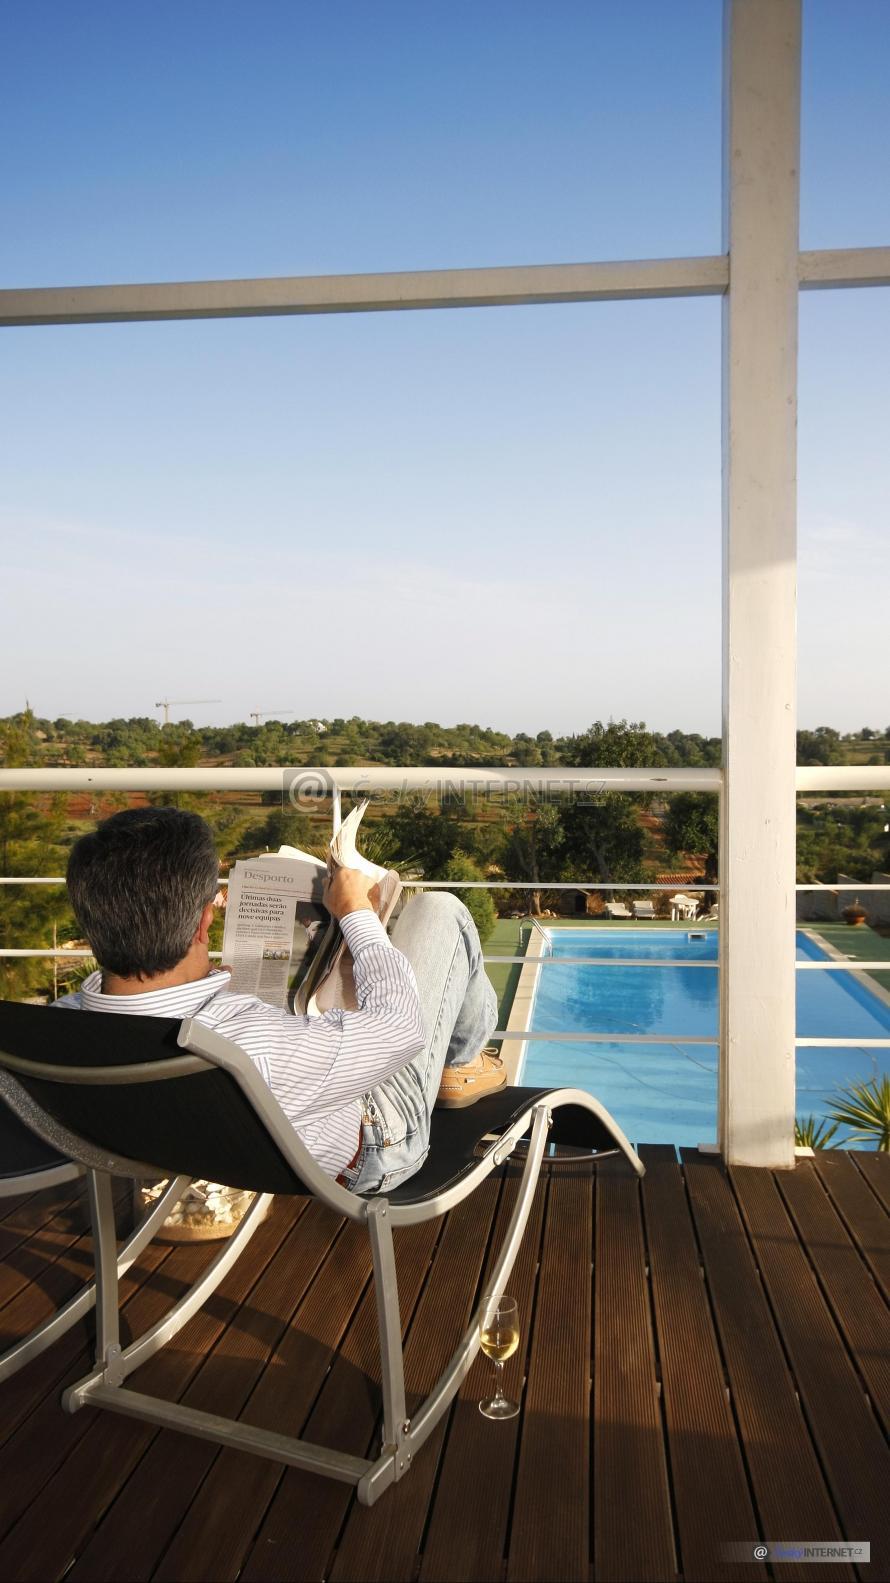 Muž relaxující na lehátku s výhledem na zahradu s bazénem.